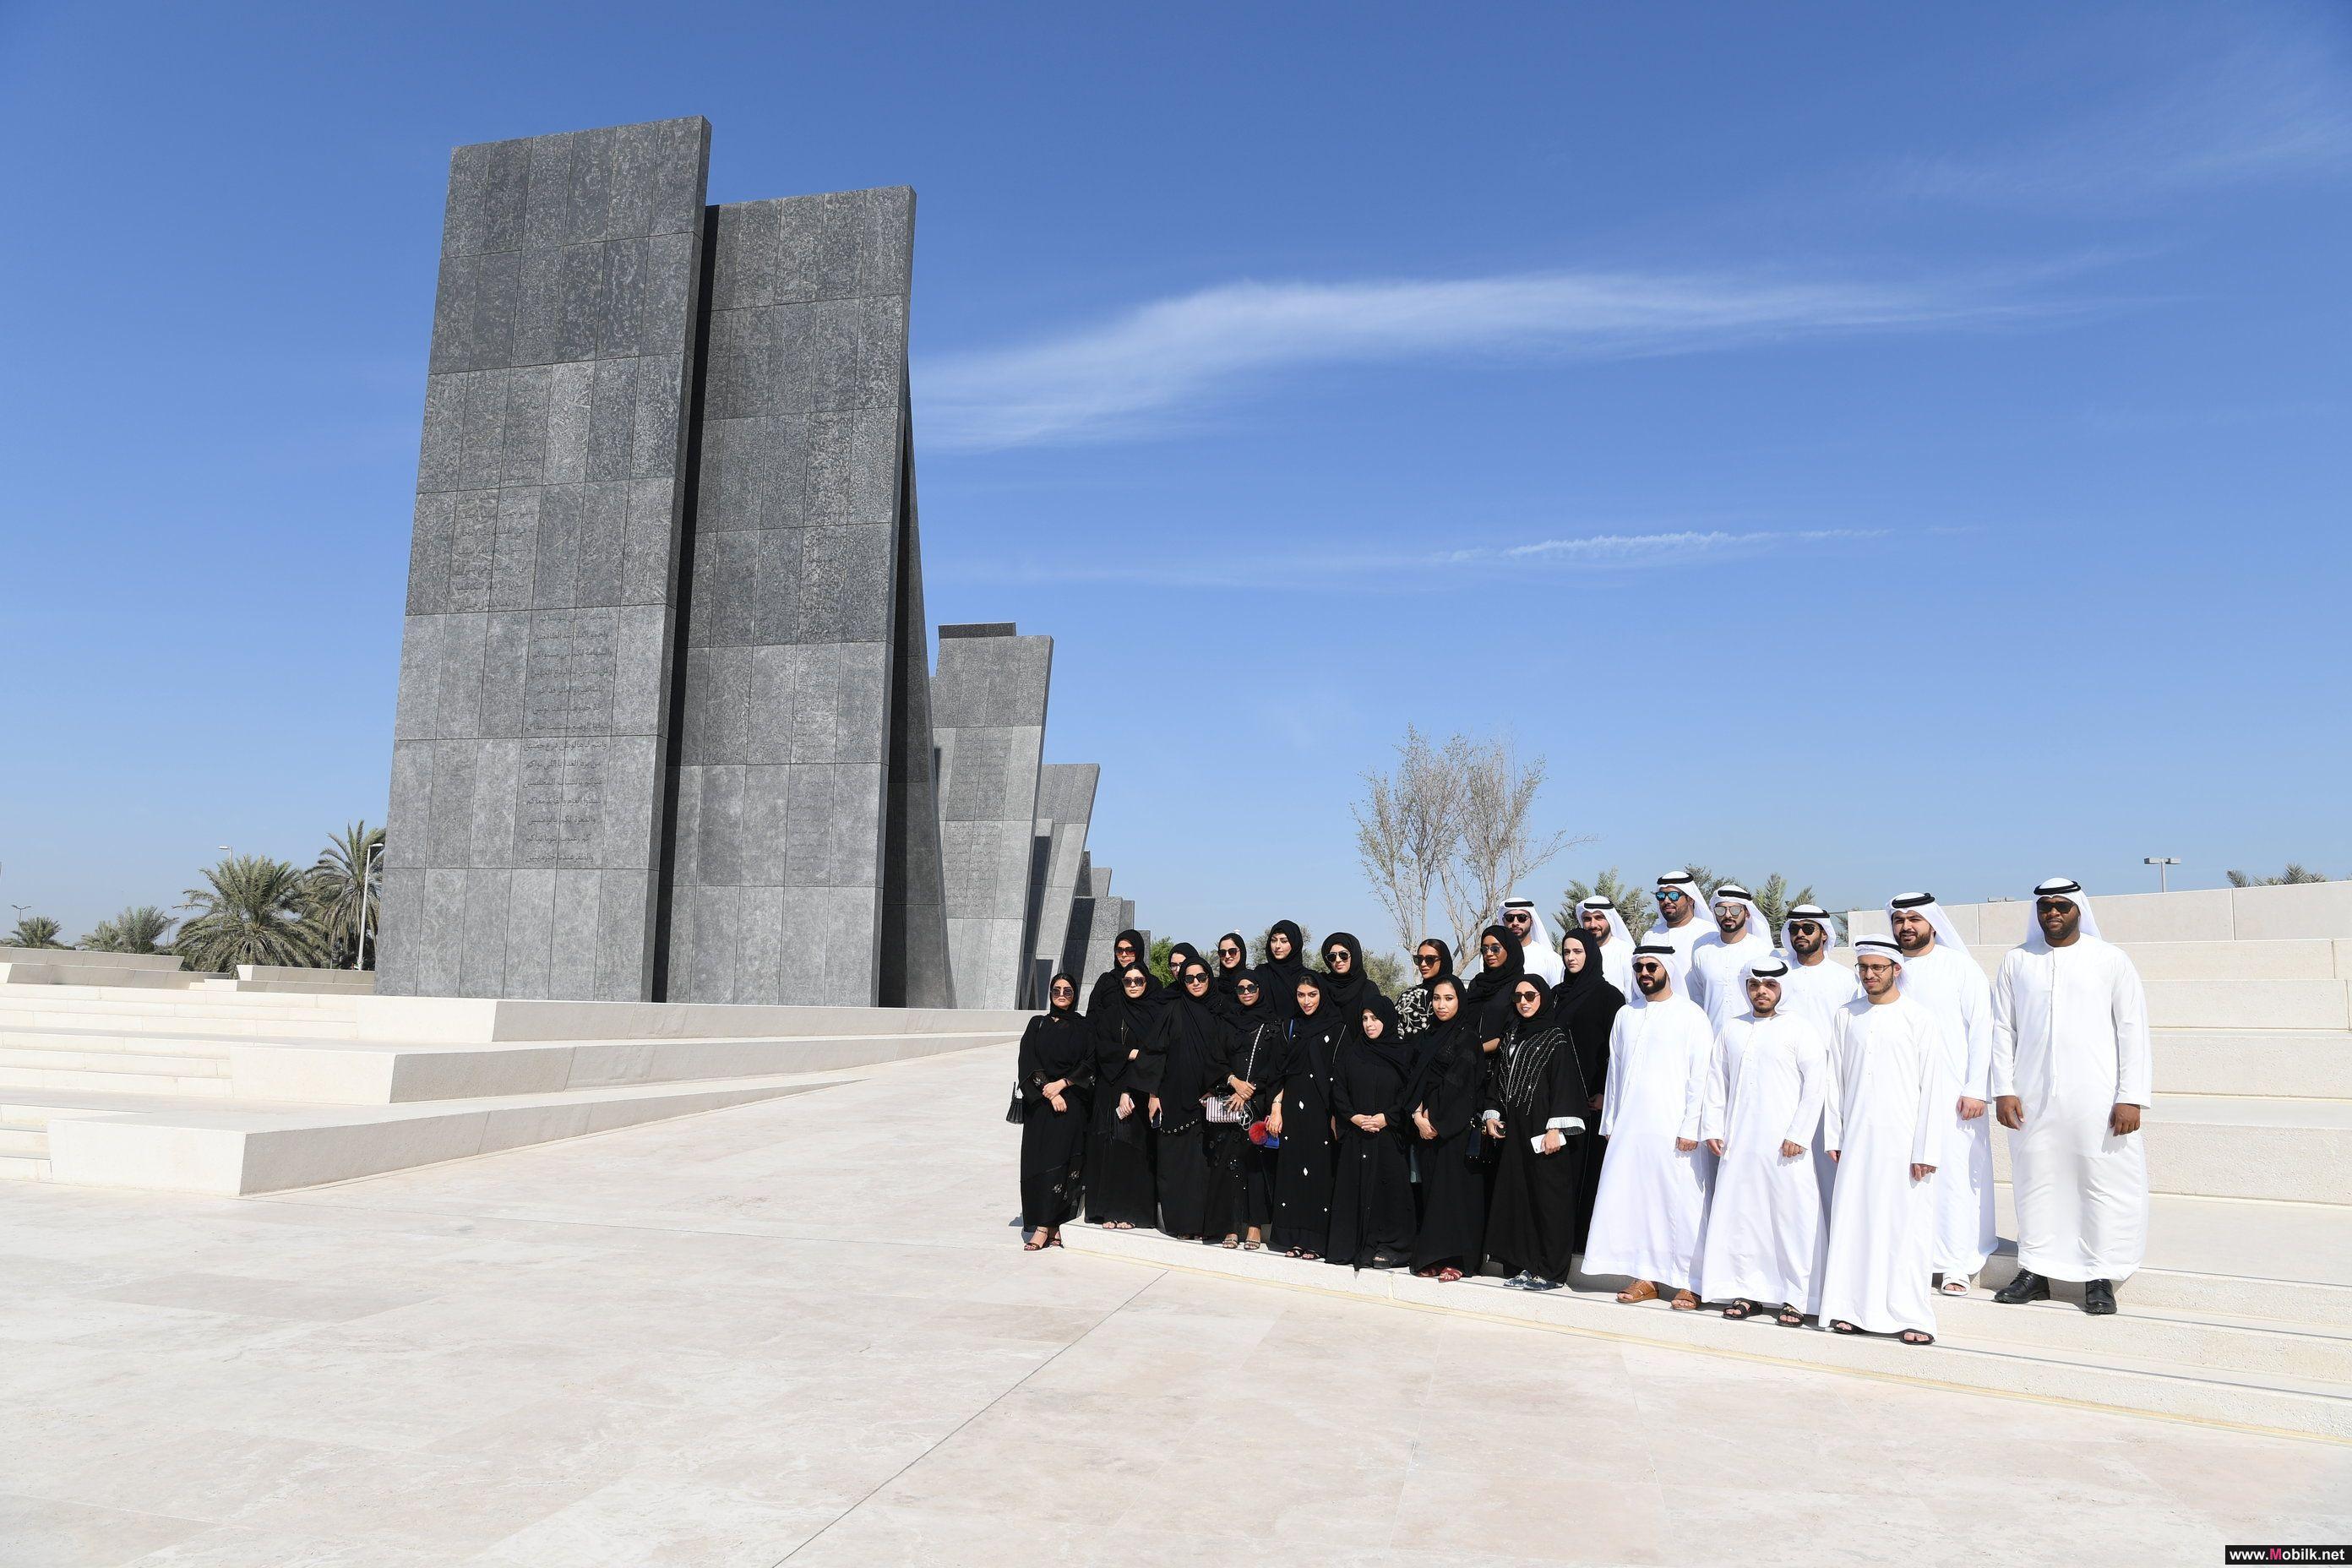 مجلس دو للشباب ينظم زيارة إلى واحة الكرامة تخليداً لتضحيات شهداء الإمارات